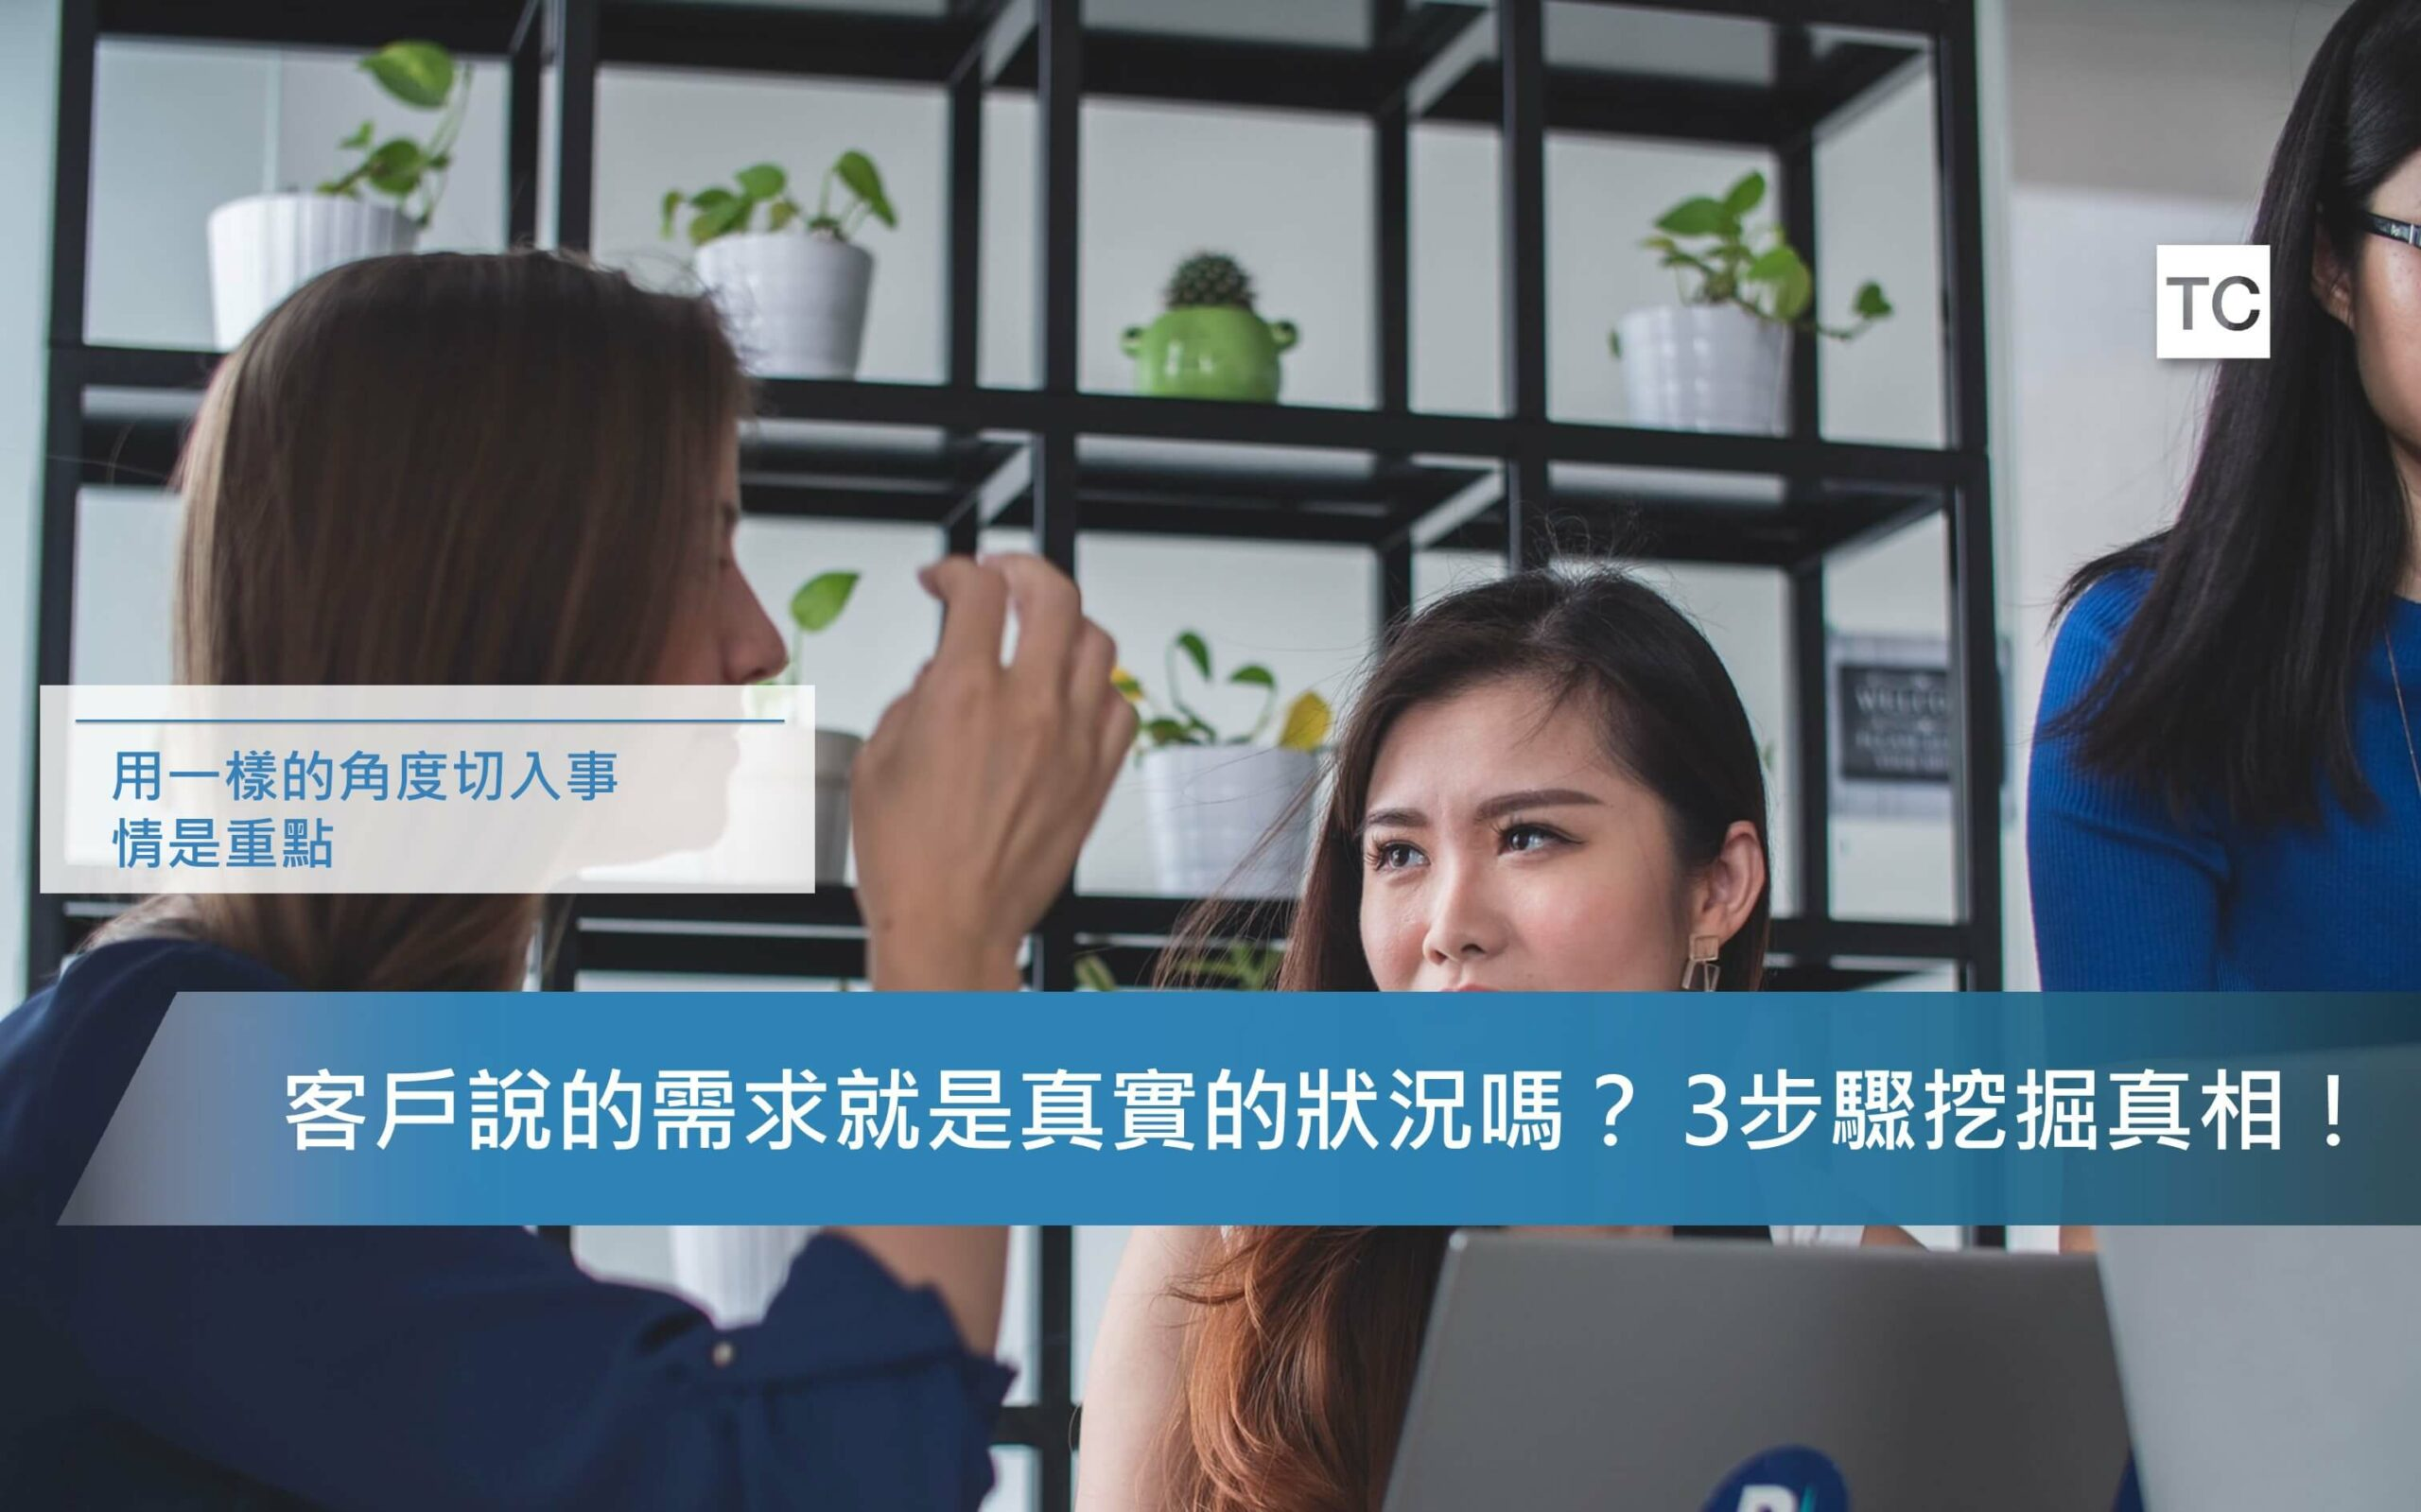 客戶需求|如何了解客戶的需求?這三點你要知道